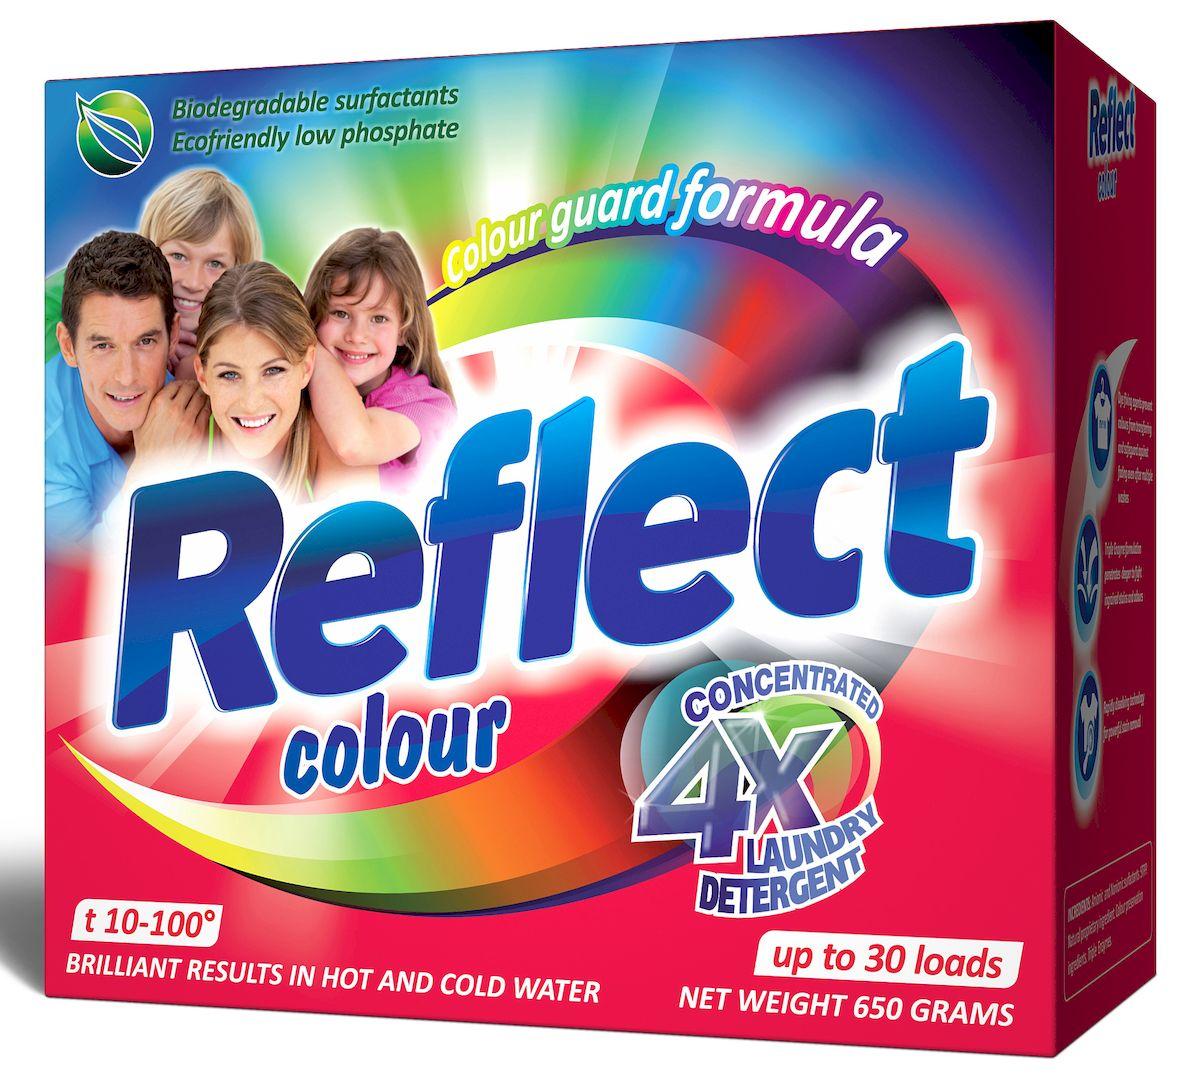 Стиральный порошок Reflect Colour, концентрированный, для цветных и темных тканей, 650 г15030Концентрированный стиральный порошок Reflect Color предназначен для стирки цветных и темных тканей. Двойная степень защиты цвета сохраняет все краски цветного и темного белья, защищает от ультрафиолета. Особенности порошка Reflect Color: - обладает высокой моющей способностью в широком диапазоне температур (10°C-100°C), - предупреждает образование накипи на водонагревательном элементе, - удаляет пятна и загрязнения различного происхождения, не повреждая структуру ткани, - в состав входит энзим (антипиллинг), который предотвращает образование ворсистости на ткани, - подходит для всех типов ткани, кроме шерсти и шелка, - универсальный - для машинной и ручной стирки. Товар сертифицирован.